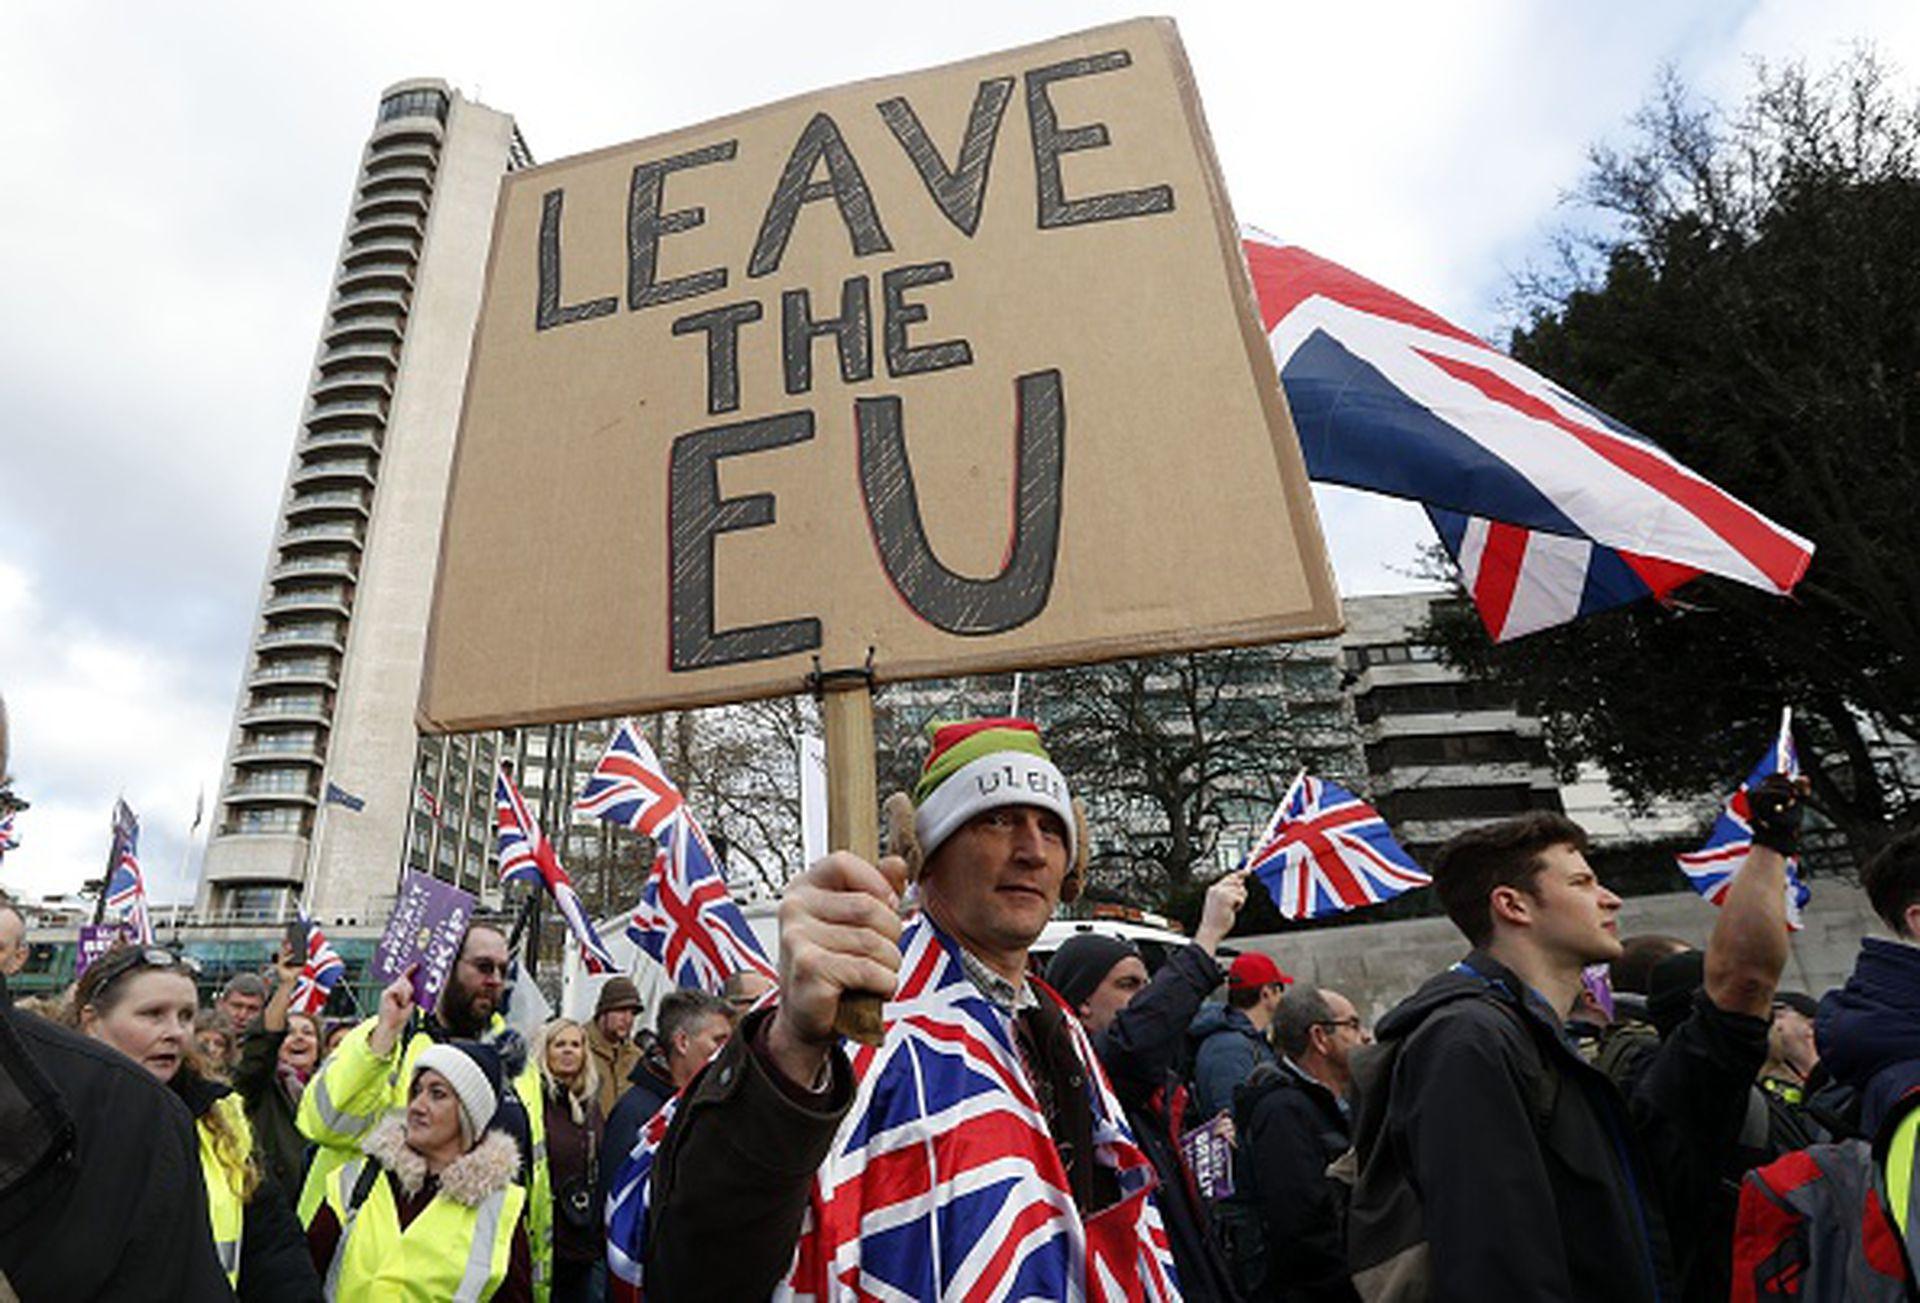 脱歐致勞動力嚴重短缺 英國急發1萬份臨時簽證招工應對